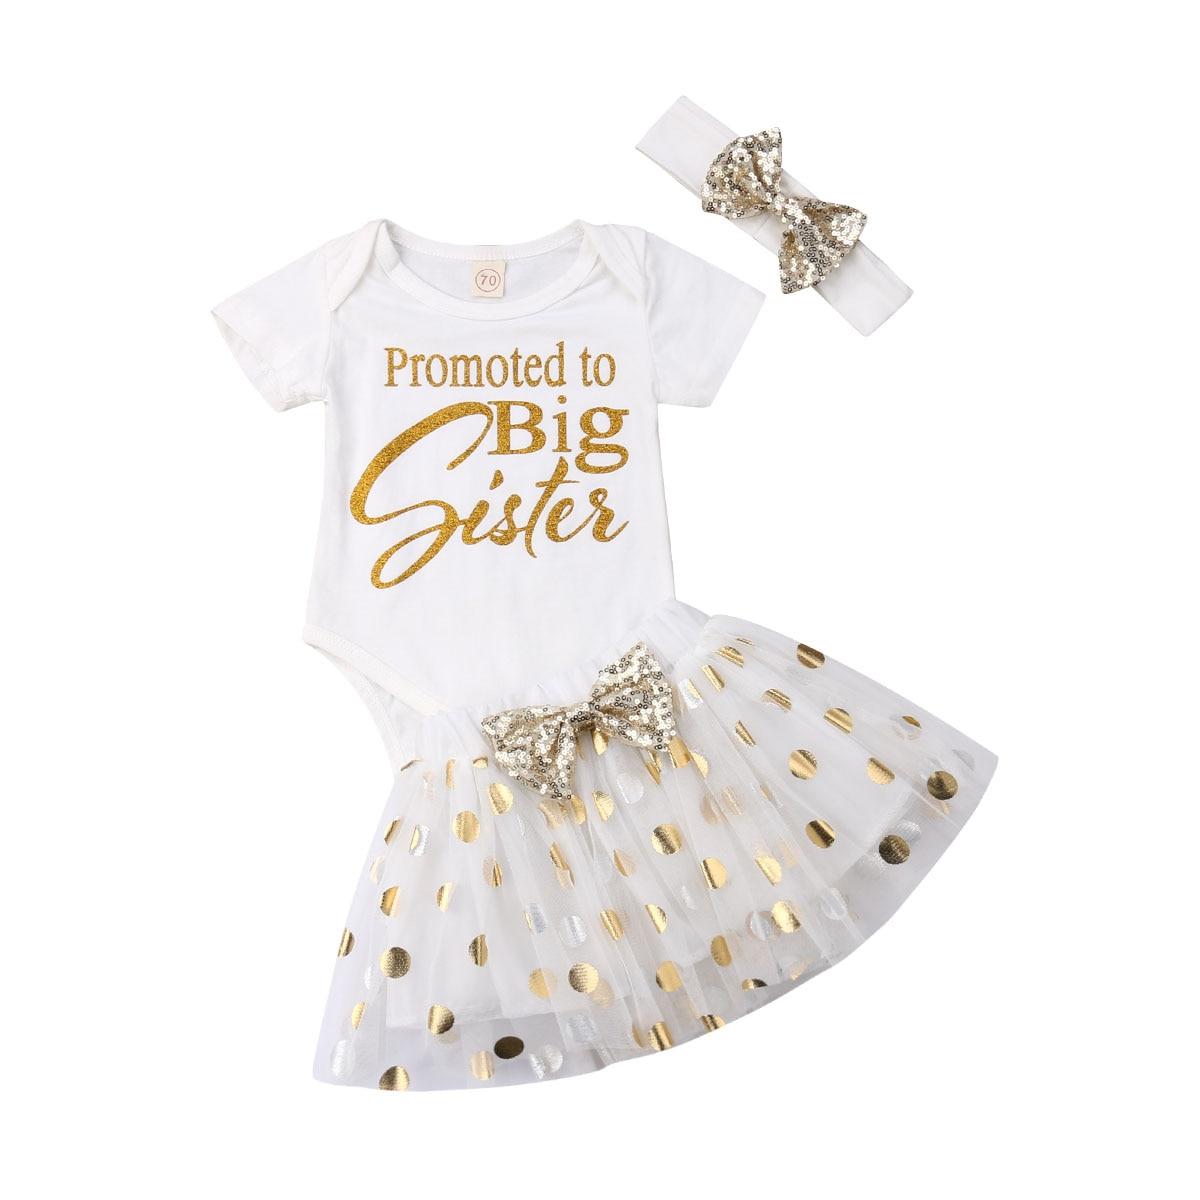 314eac0da6c Cheap Clothing Sets